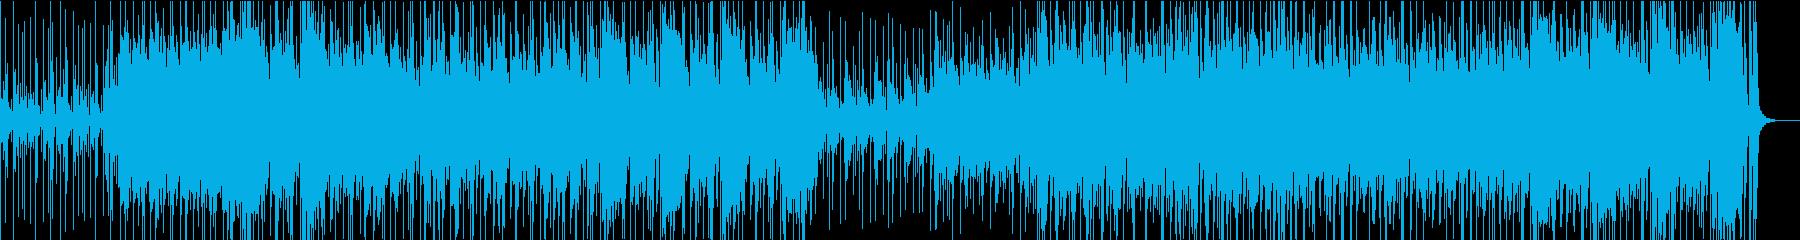 ソル/太陽が眩しい/ラテン音楽/ノリノリの再生済みの波形